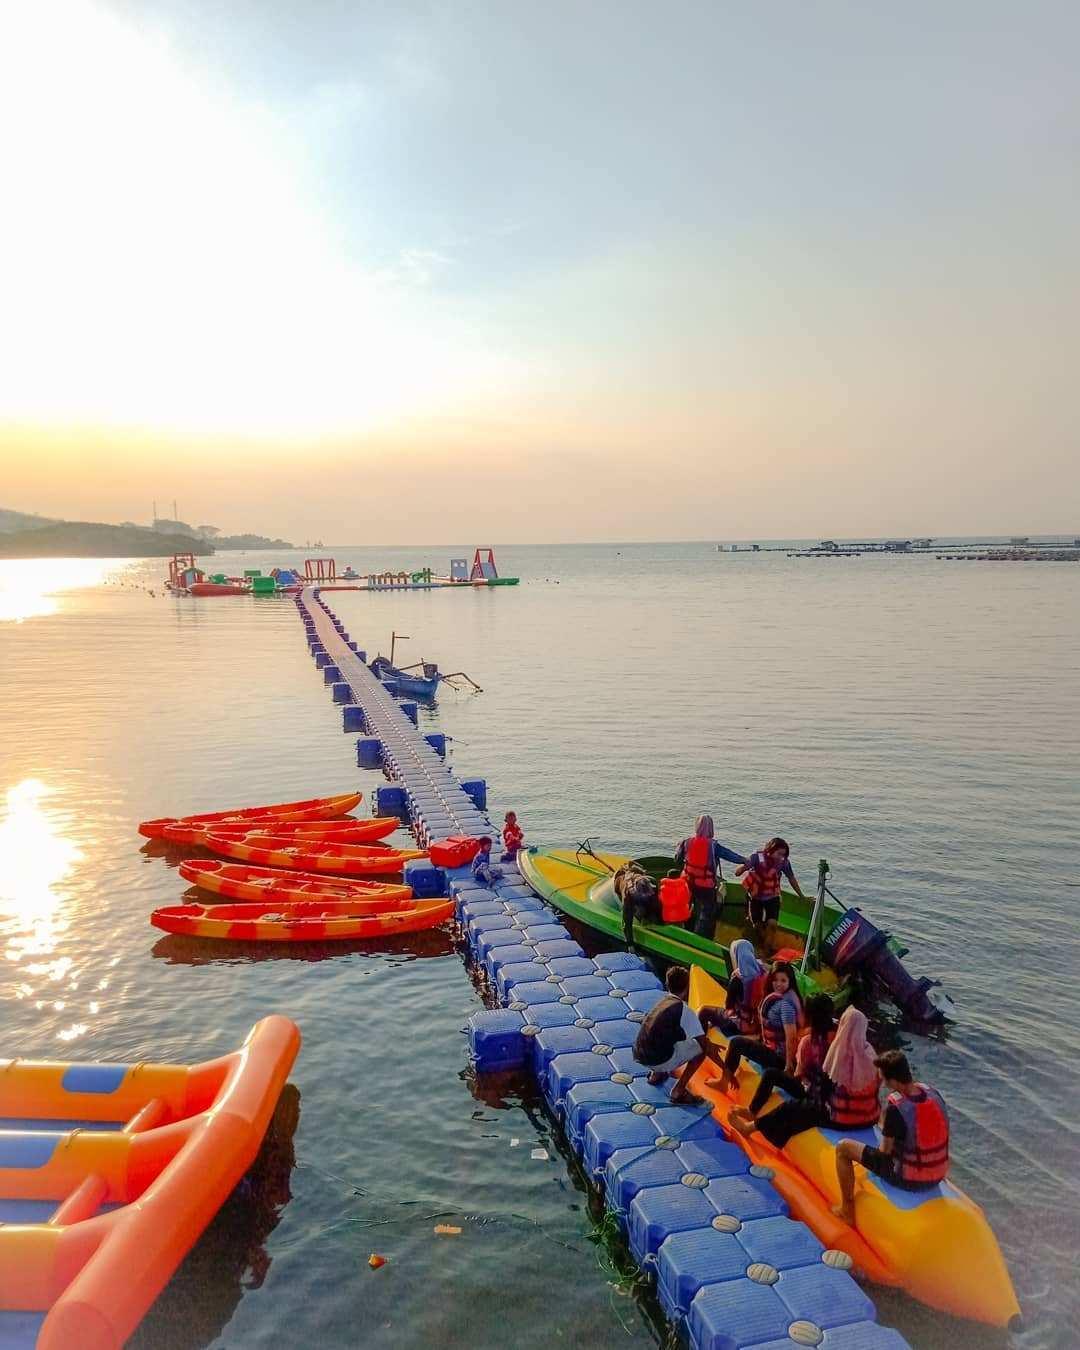 Banana Boat dan Floating dock di Wisata Kampung Kerapu Situbondo, Image From @kampungkerapusitubondo